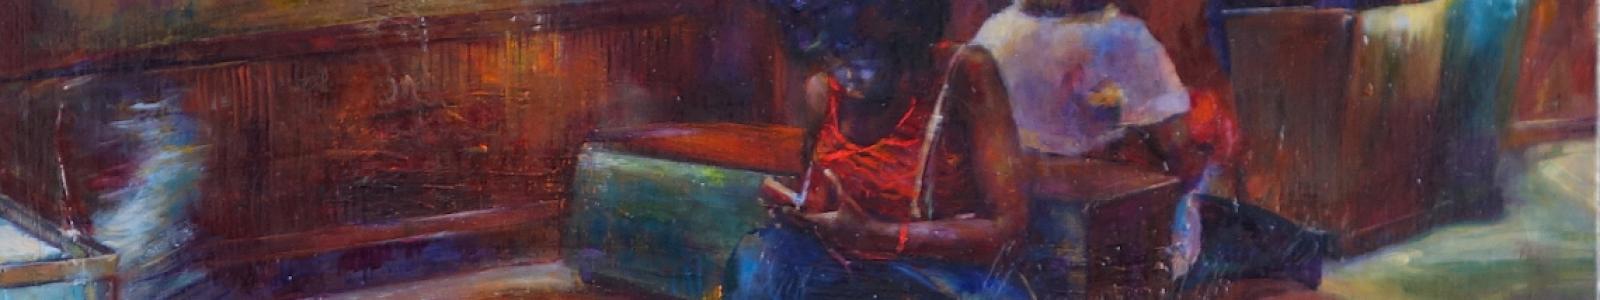 Galerie Artiste Svetlana Malakhova